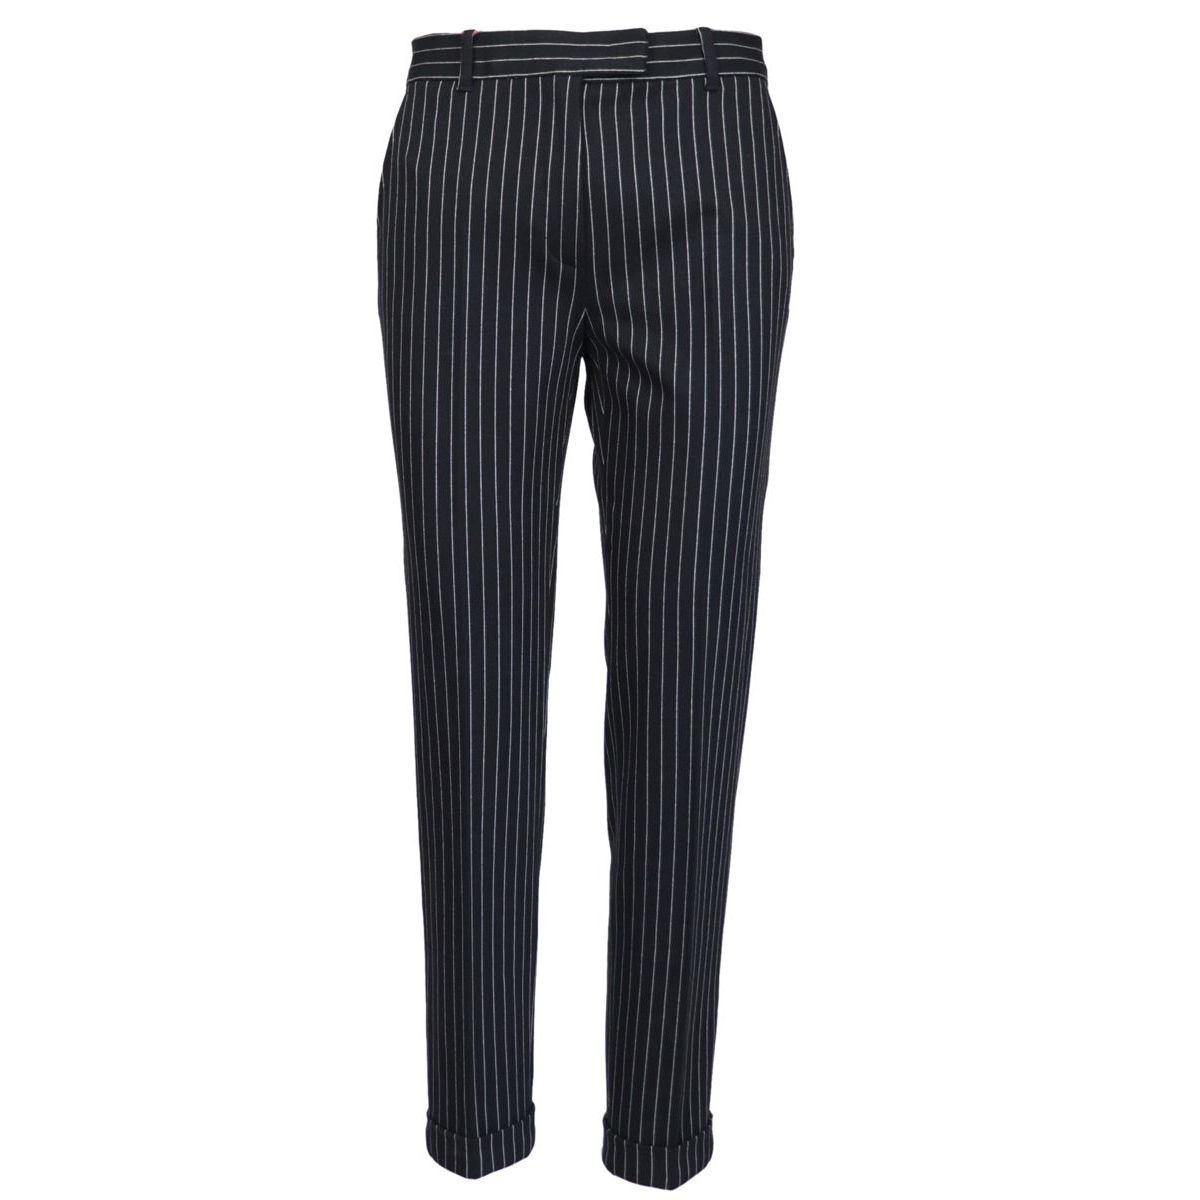 Luca trousers in viscose blend Blue MAX MARA STUDIO